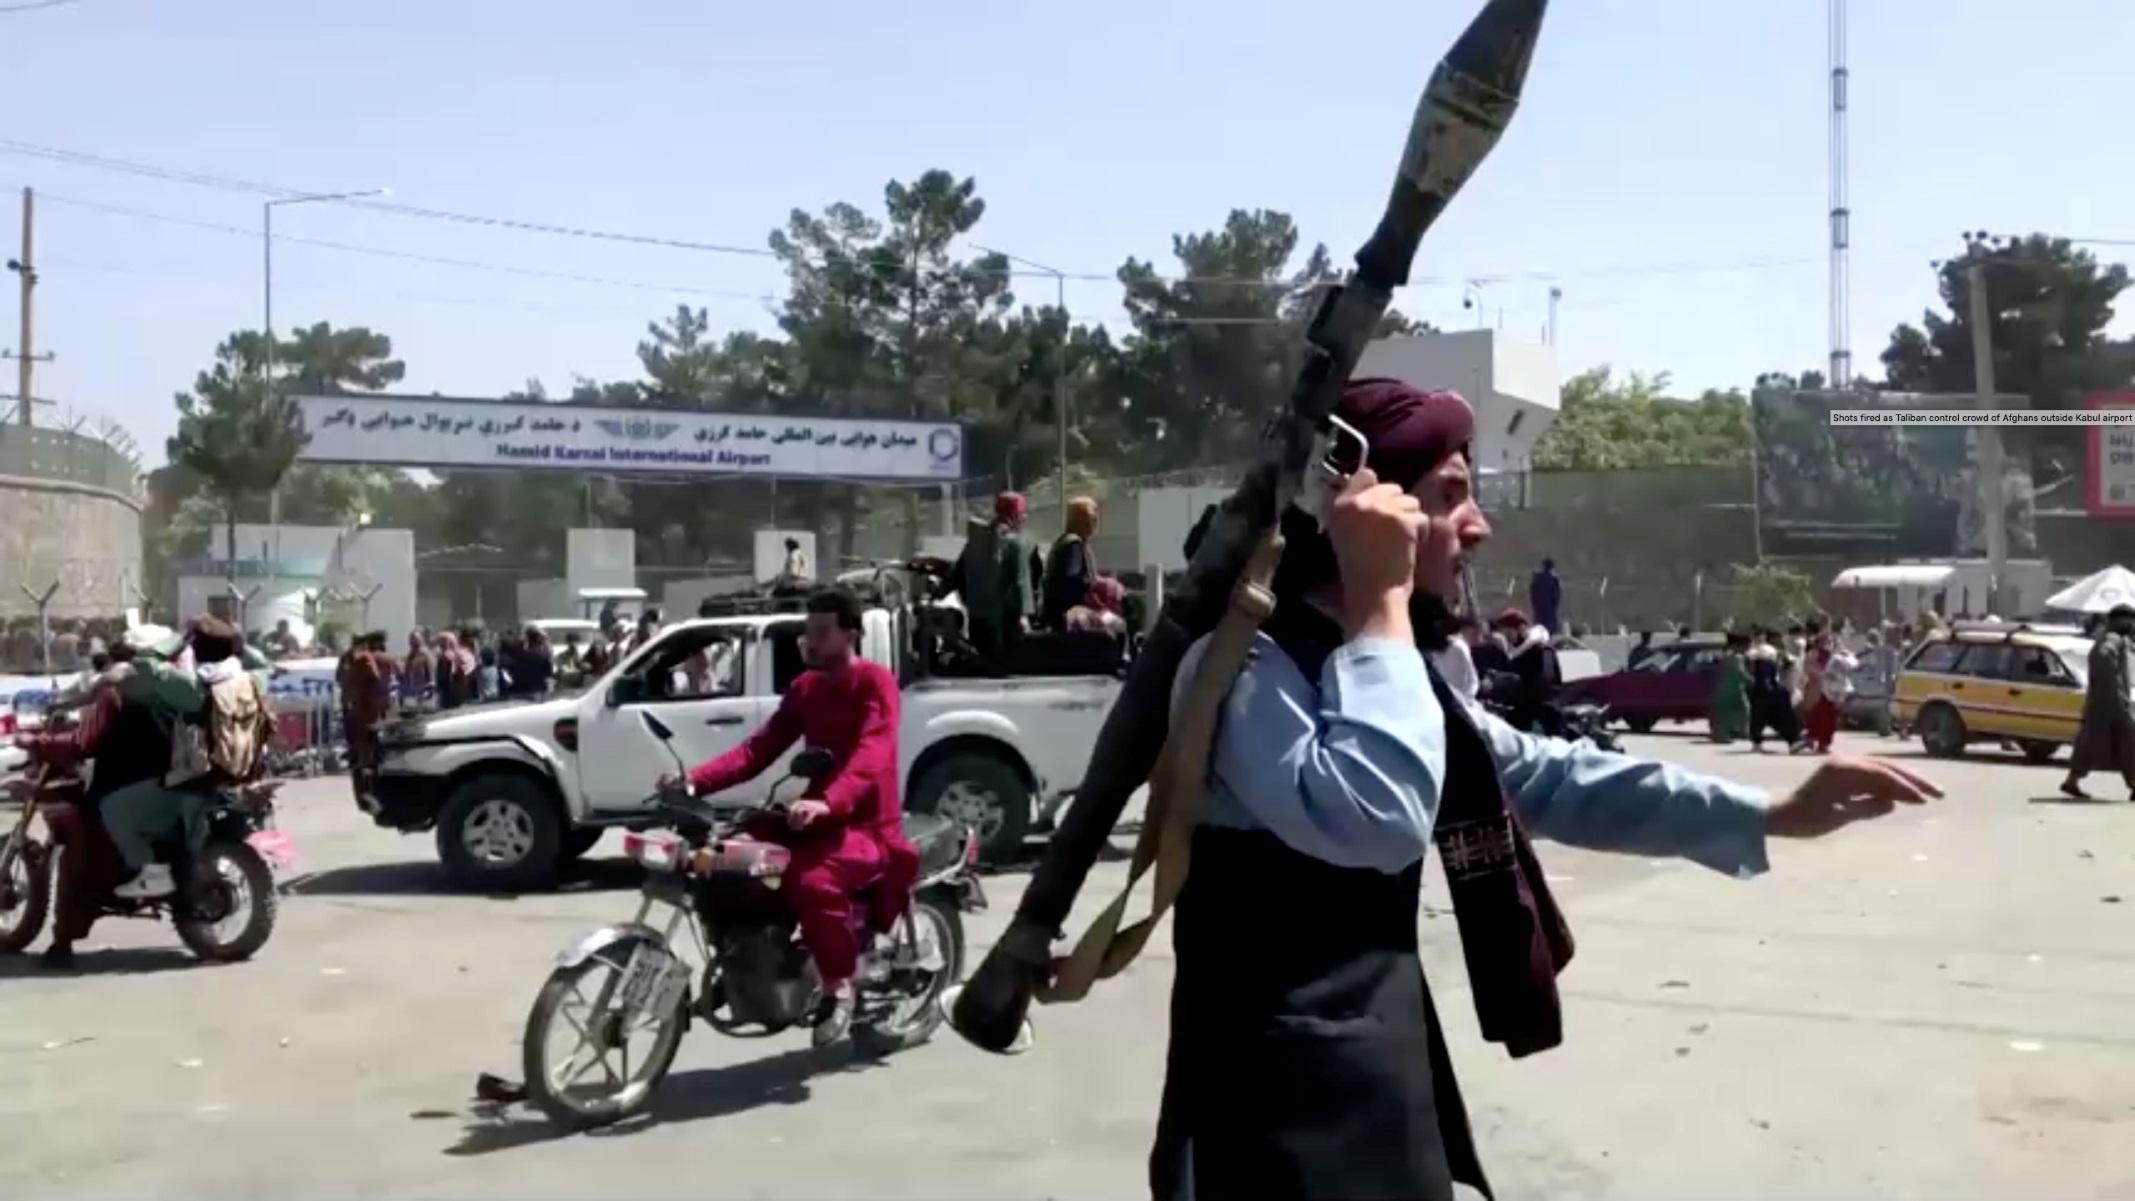 Αφγανιστάν: Φόβοι για τρομοκρατικό χτύπημα κατά την επιχείρηση εκκένωσης – Χάος στη Καμπούλ